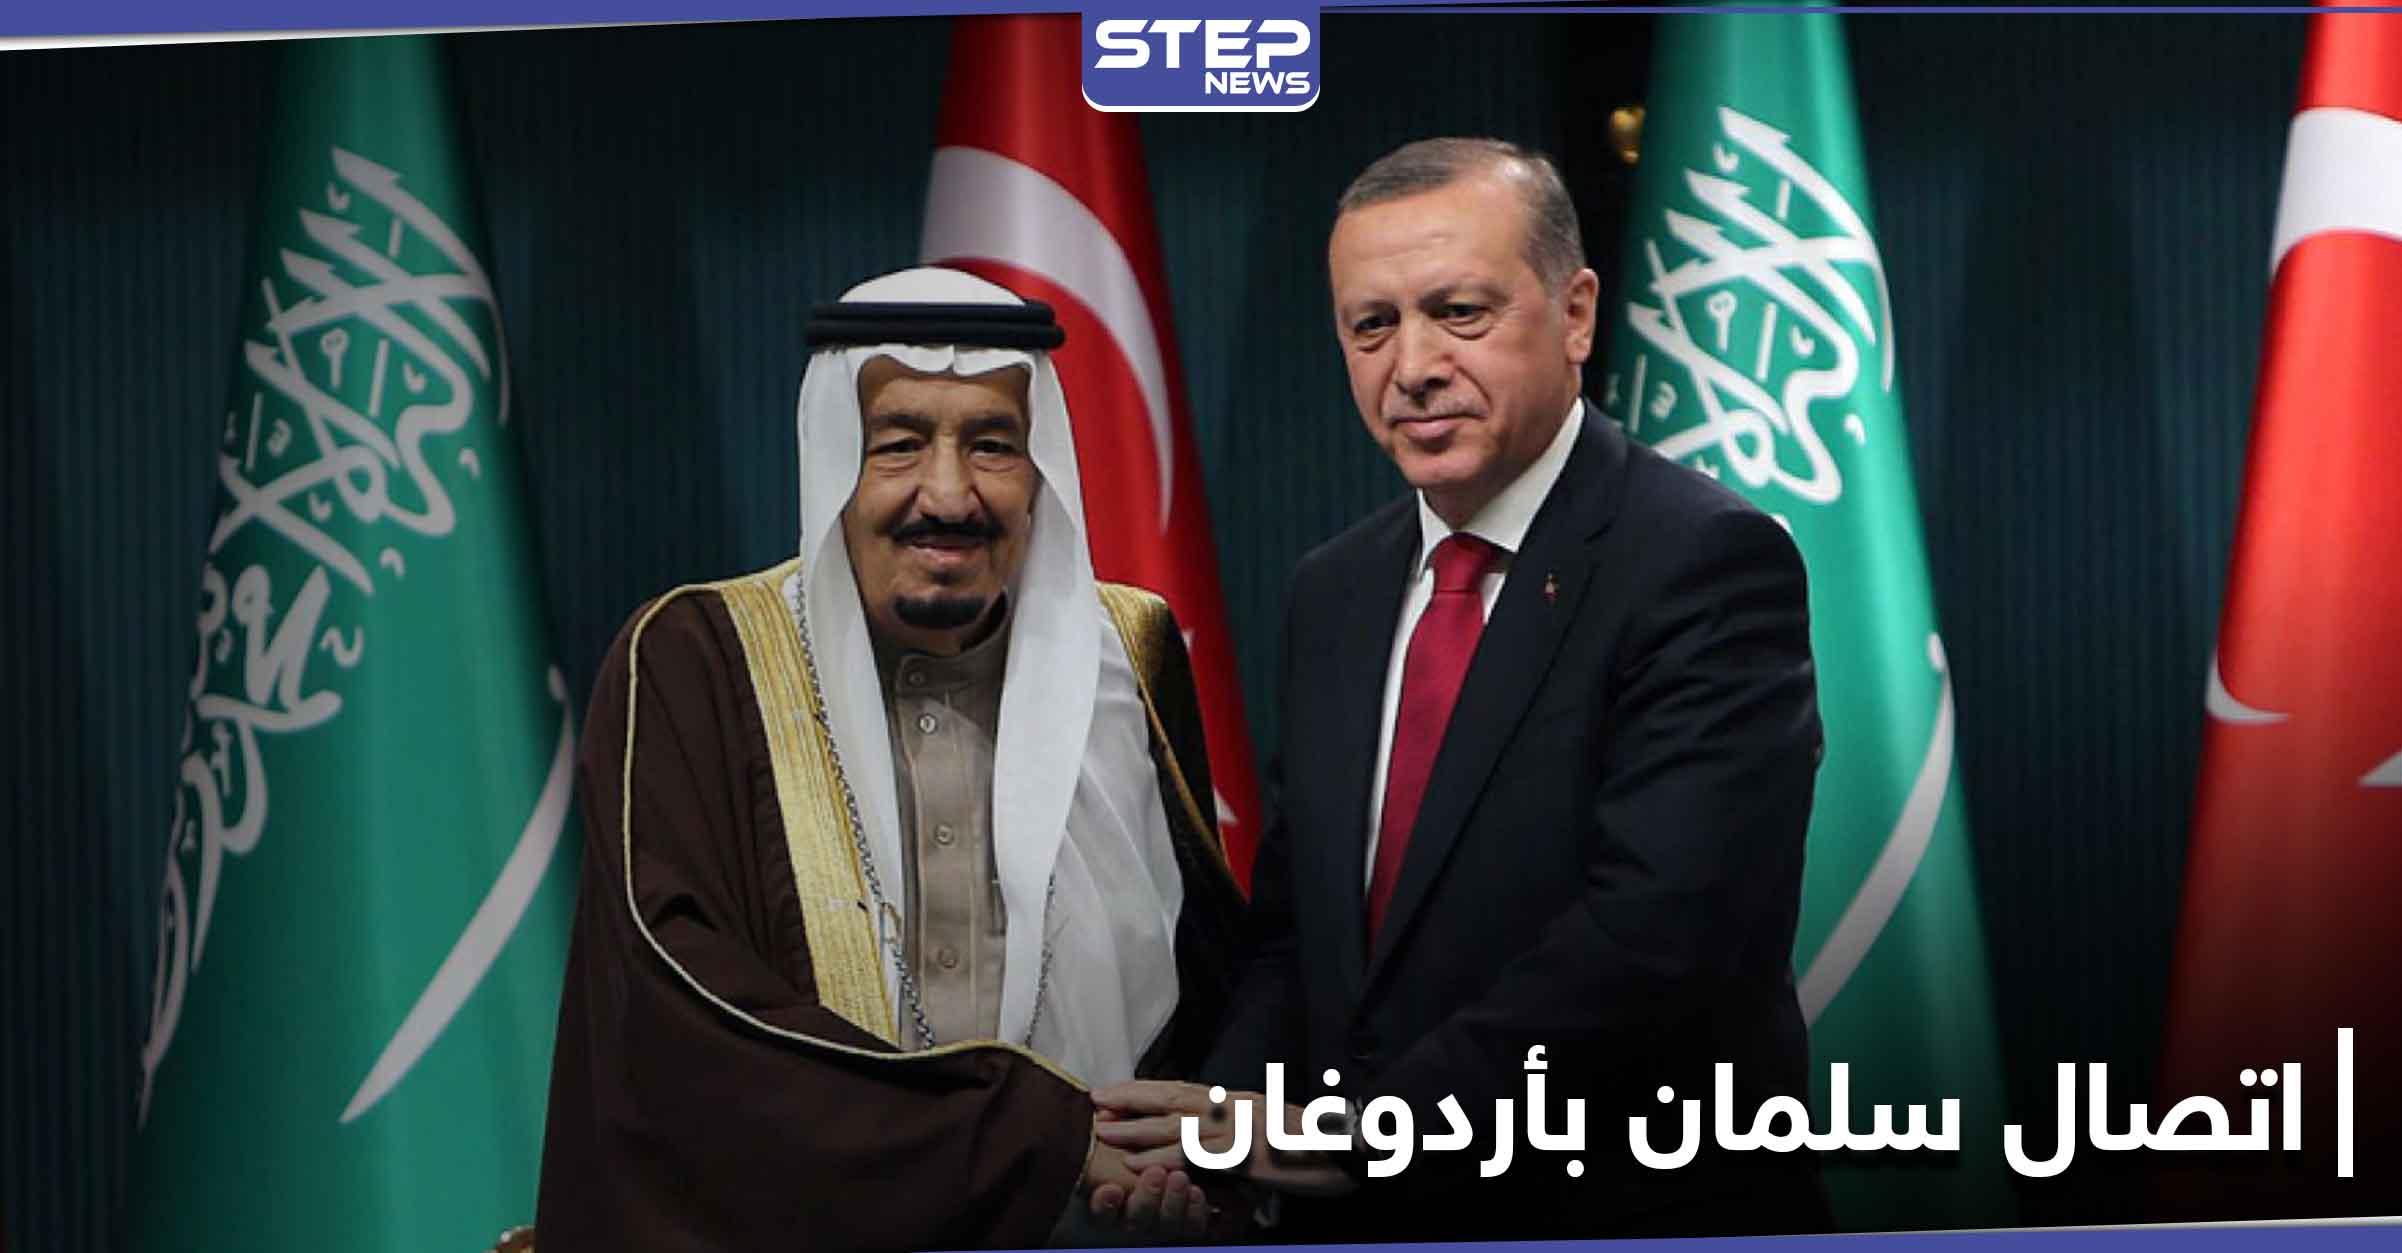 الملك سلمان ينهي القطيعة مع أردوغان باتصال هاتفي.. وأبرز مادار بينهما